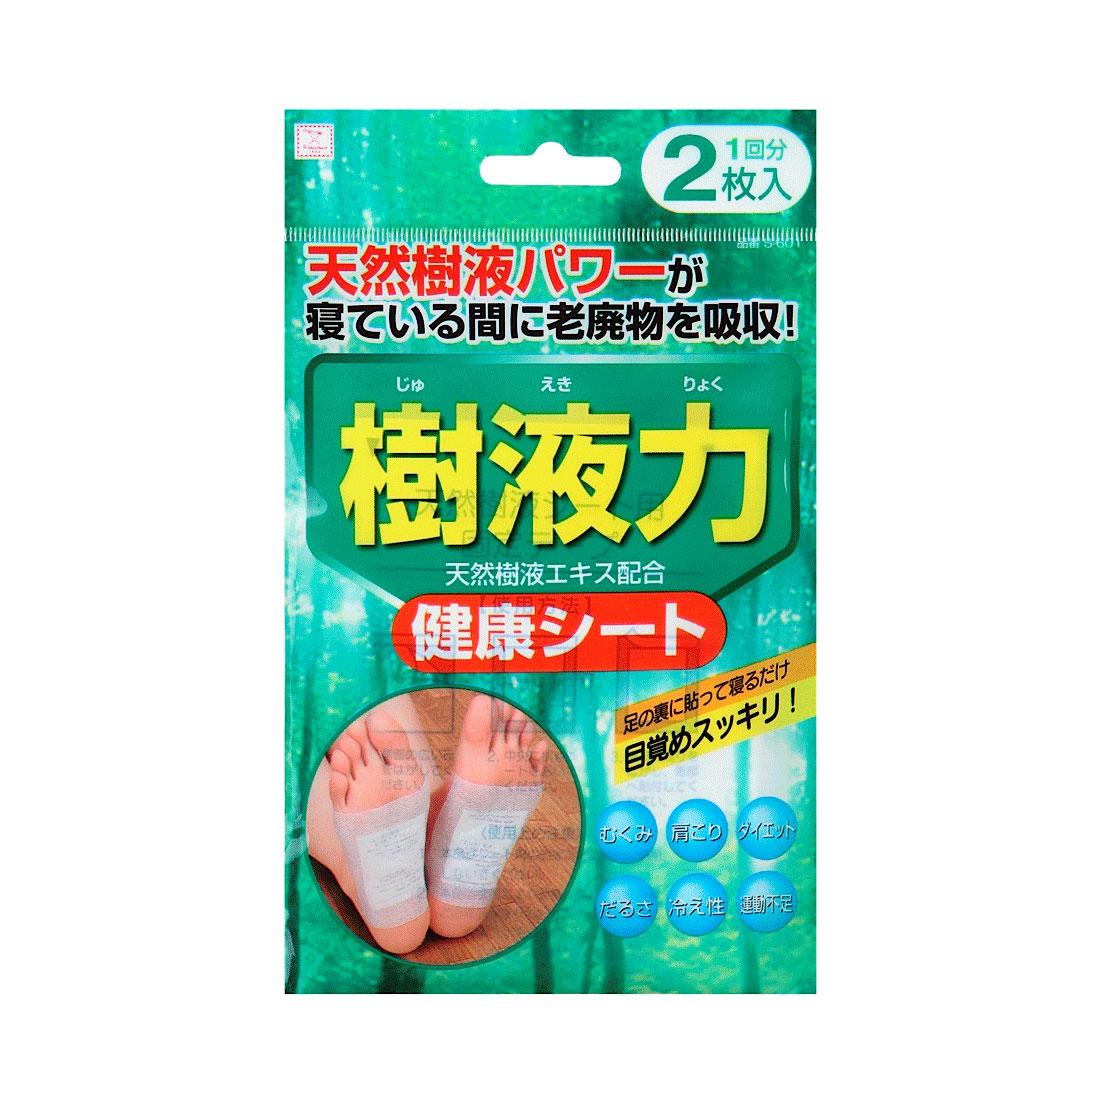 Шлаковыводящий пластырь Kokubo С экстрактом японского дуба<br>